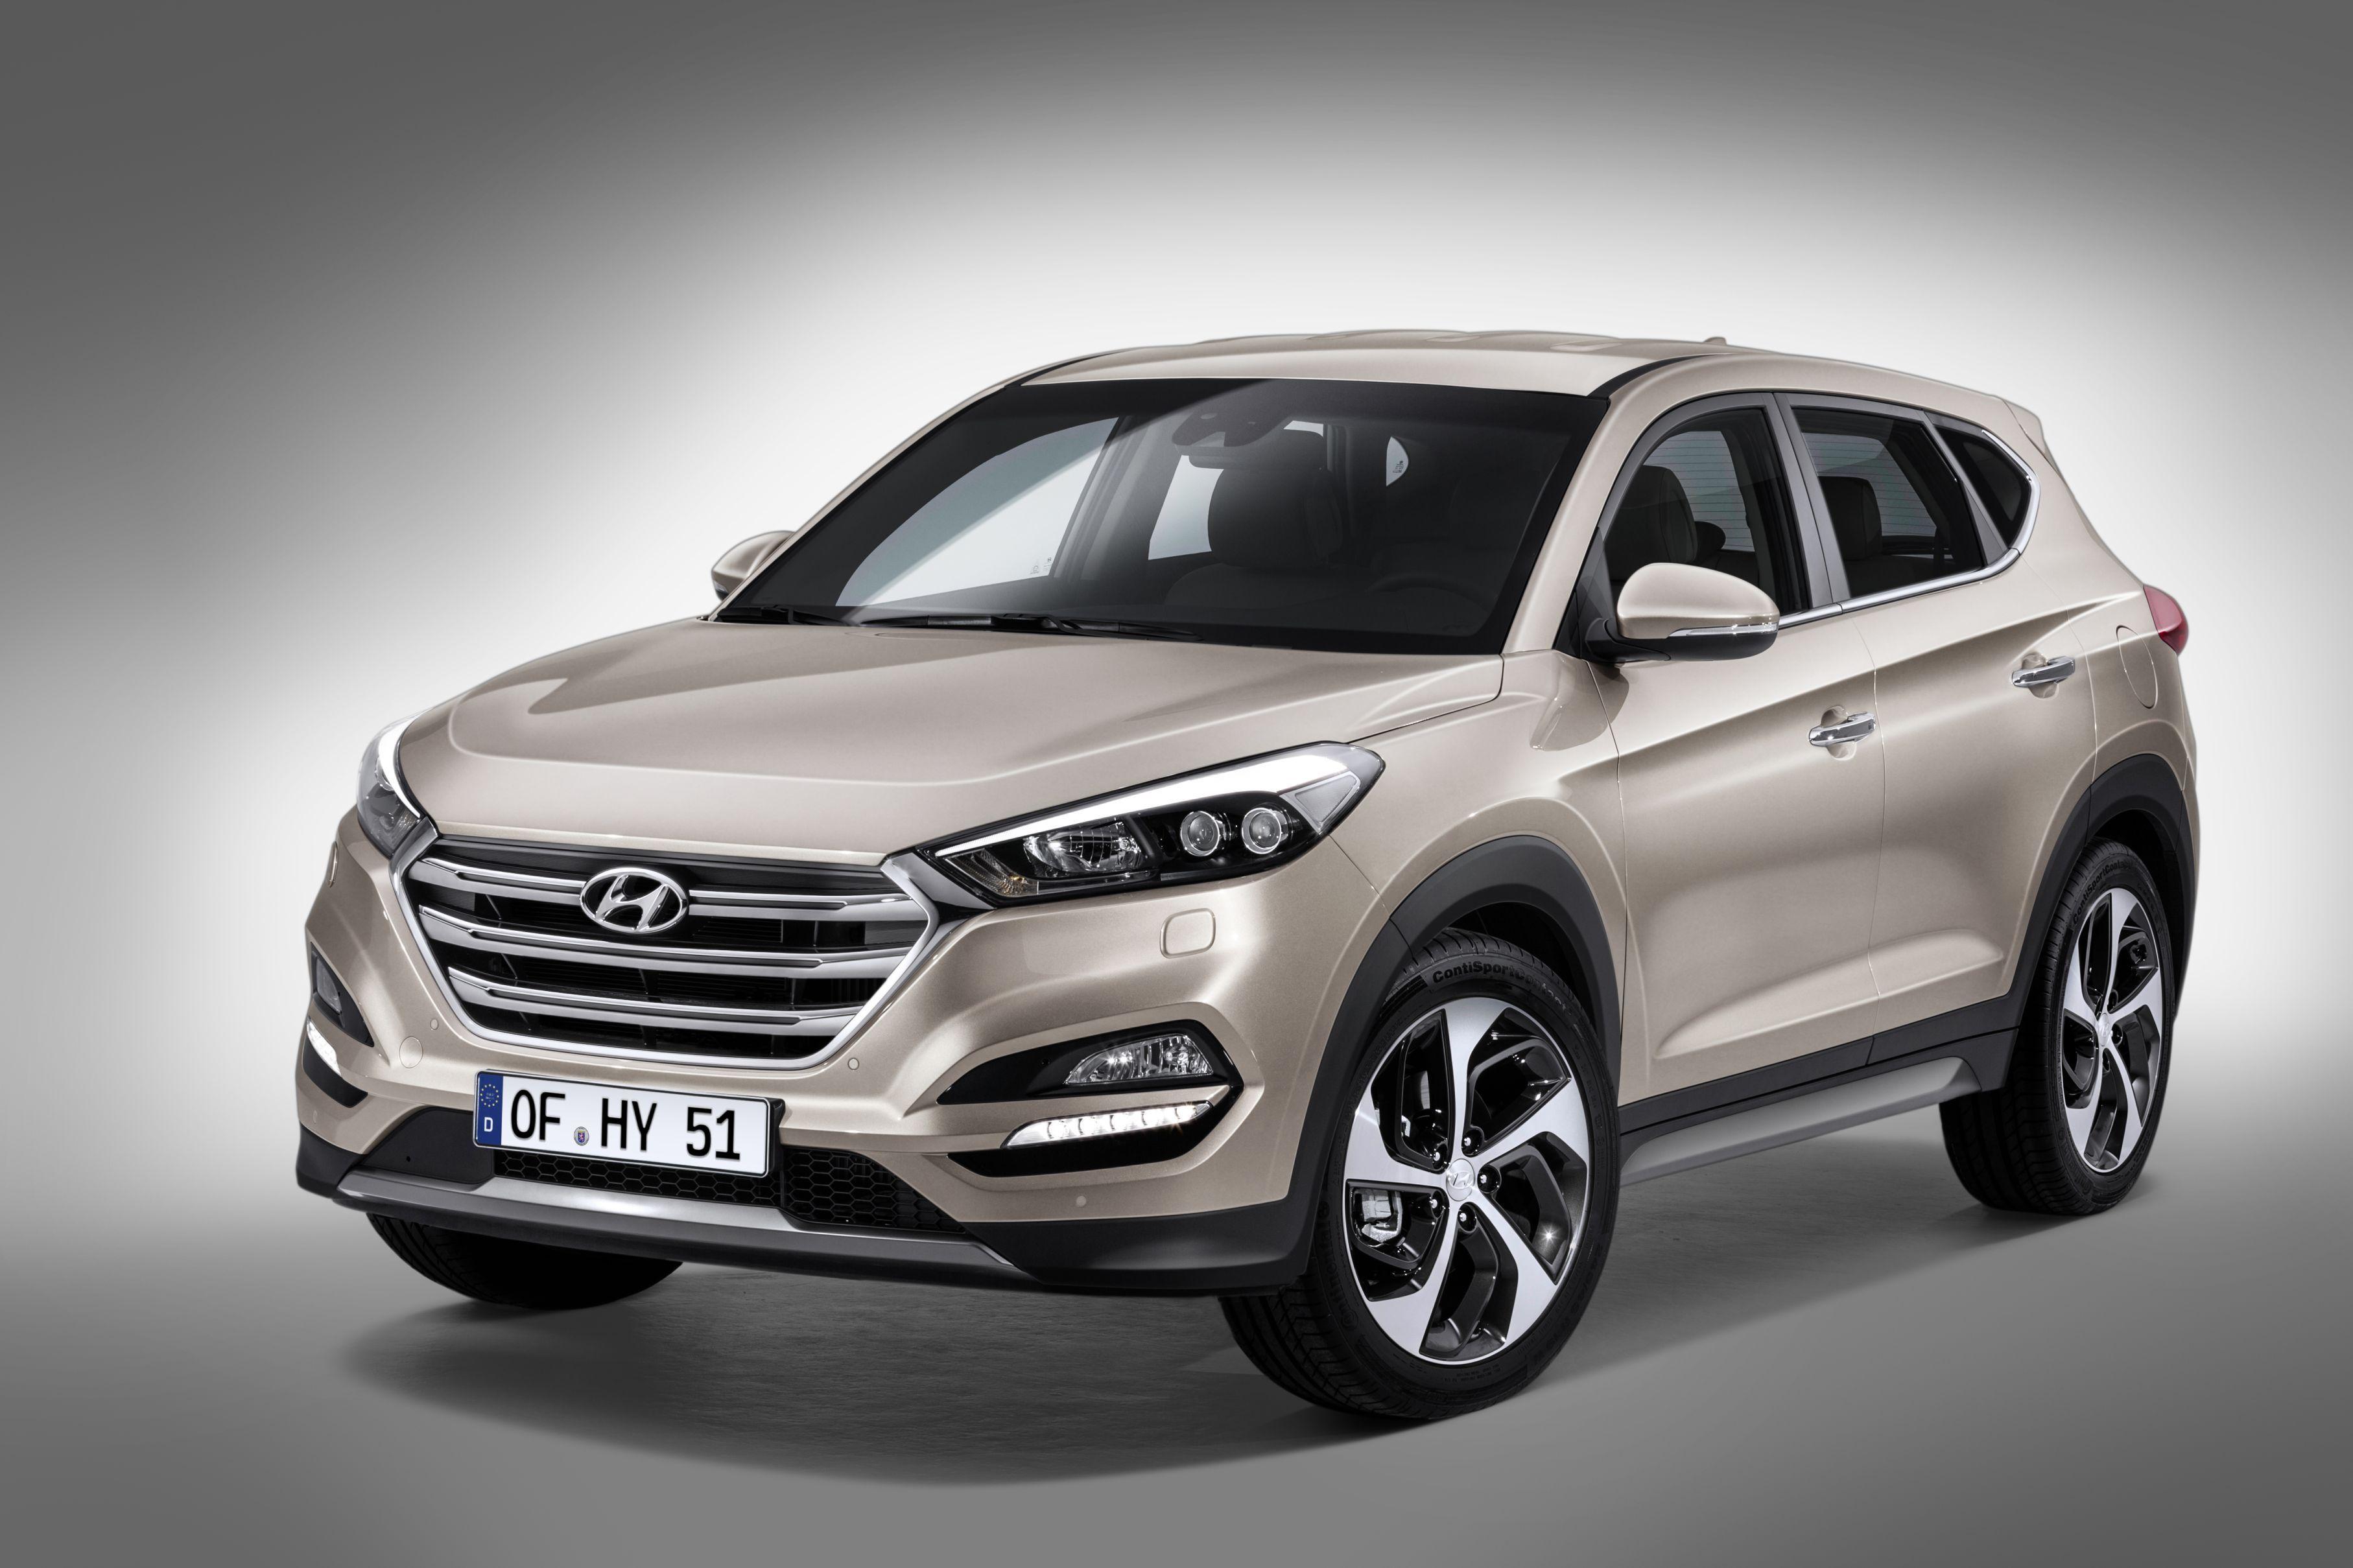 Akcja promocyjna Czas na diesla rozszerzona http://www.moj-samochod.pl/Nowosci-motoryzacyjne/Akcja-promocyjna-Czas-na-diesla-rozszerzona #Hyundai #Tuscon #i40